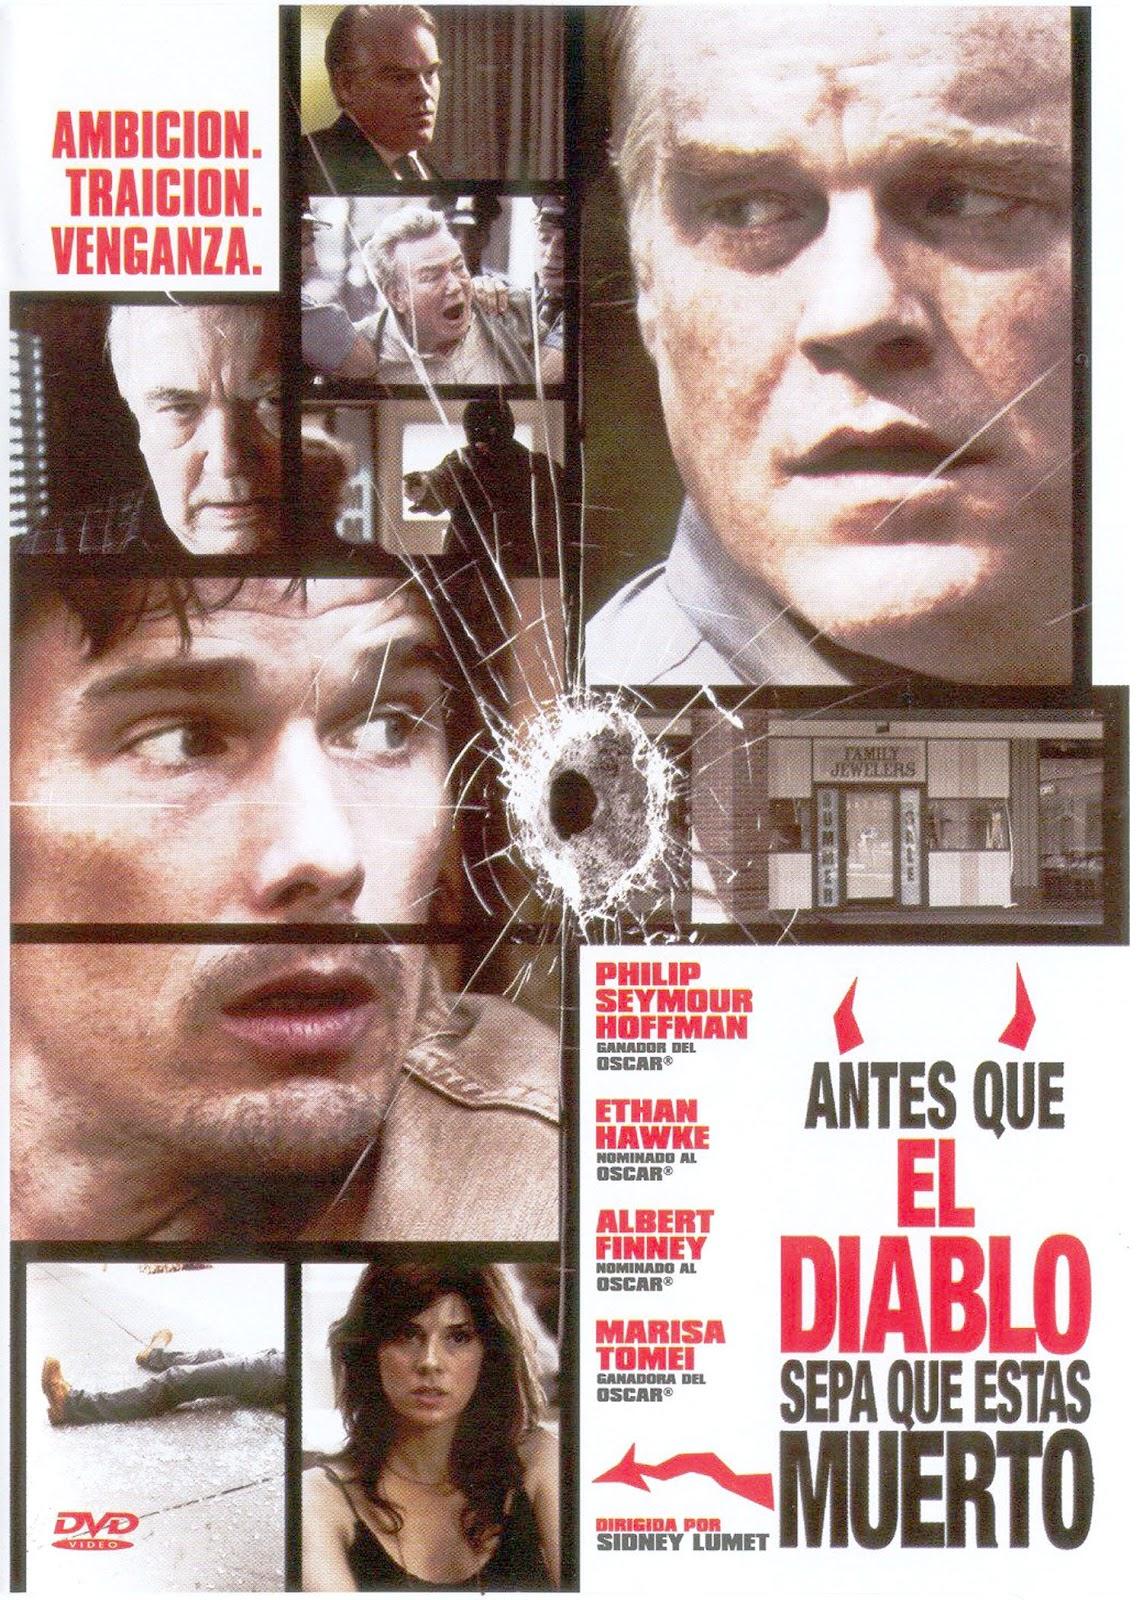 http://3.bp.blogspot.com/-SrLTZL4i54k/T3tI1EfSp7I/AAAAAAAAHZI/XceyMouai5M/s1600/Antes+Que+El+Diablo+Sepa+Que+Estas+Muerto.jpg